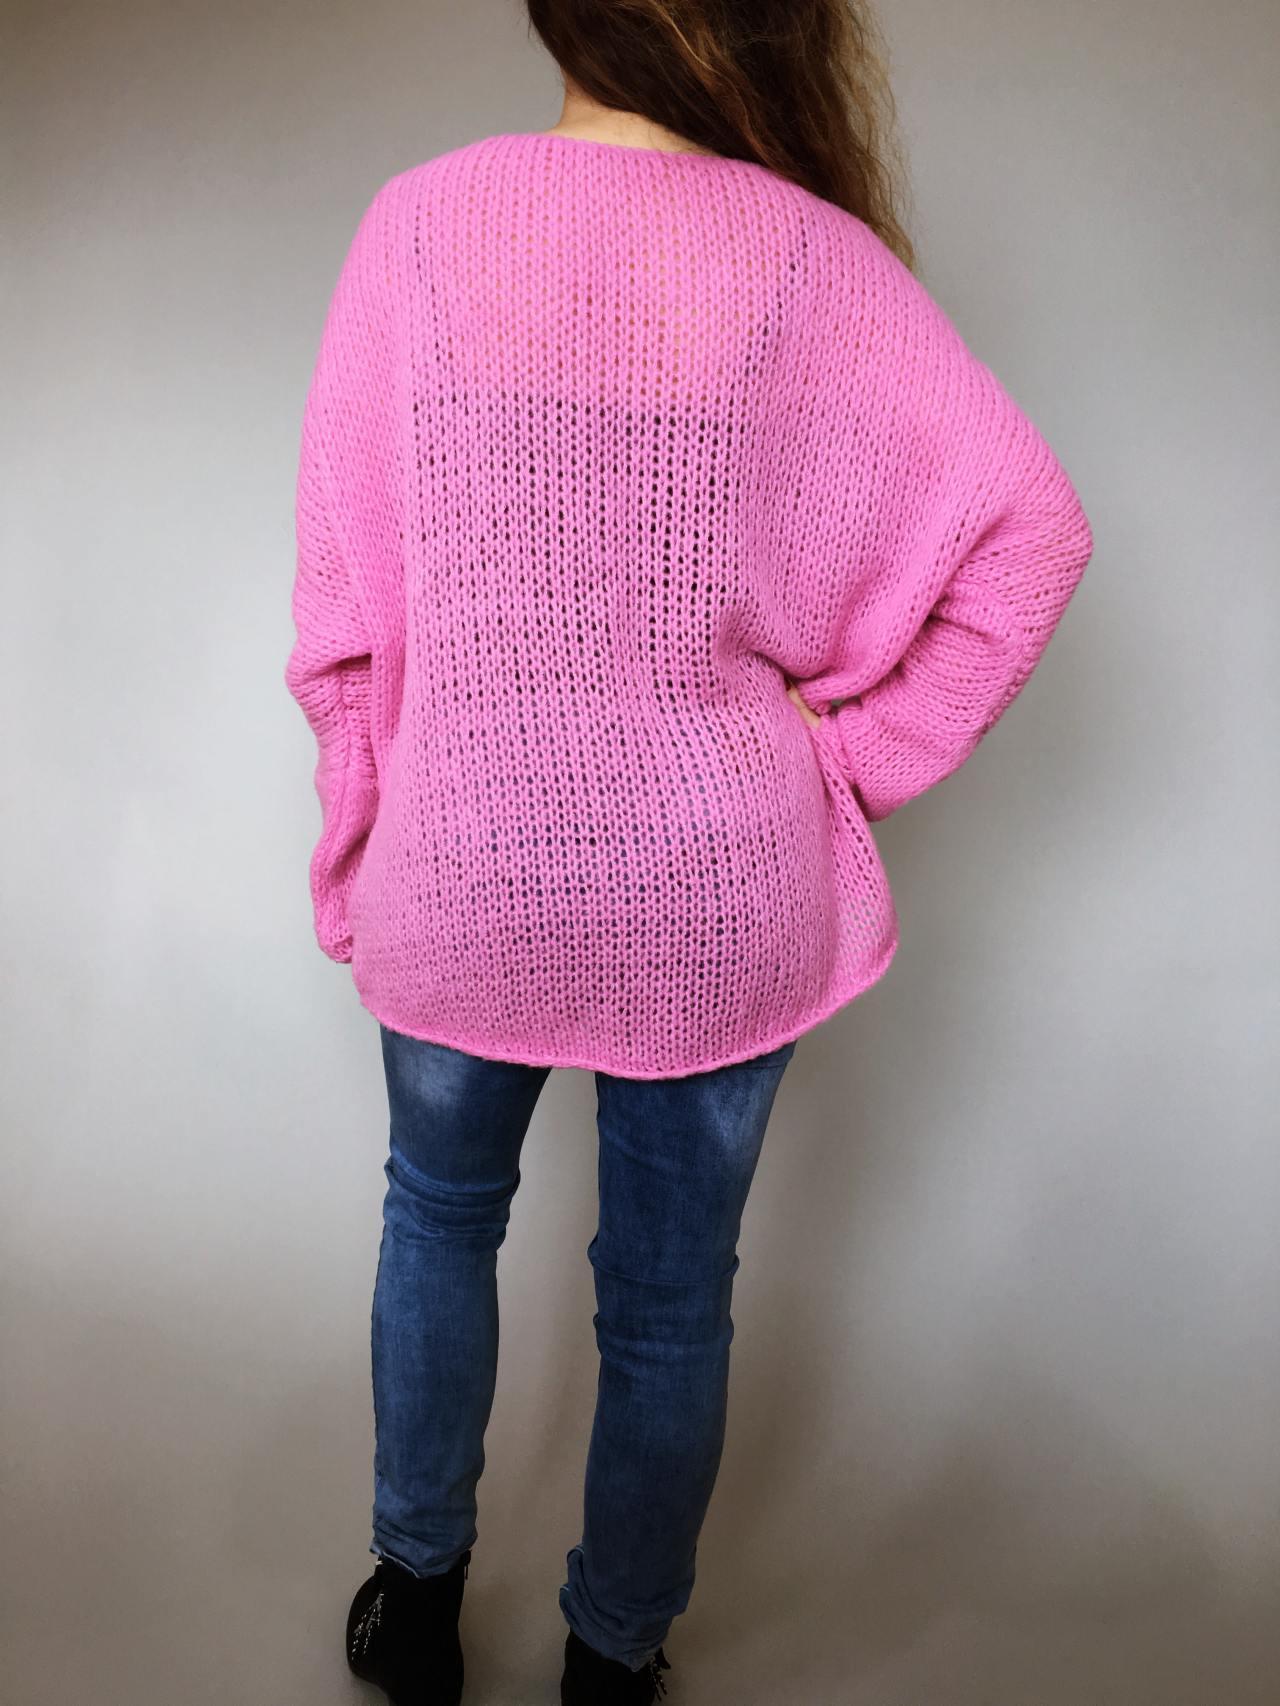 Růžový svetr Merlin 04